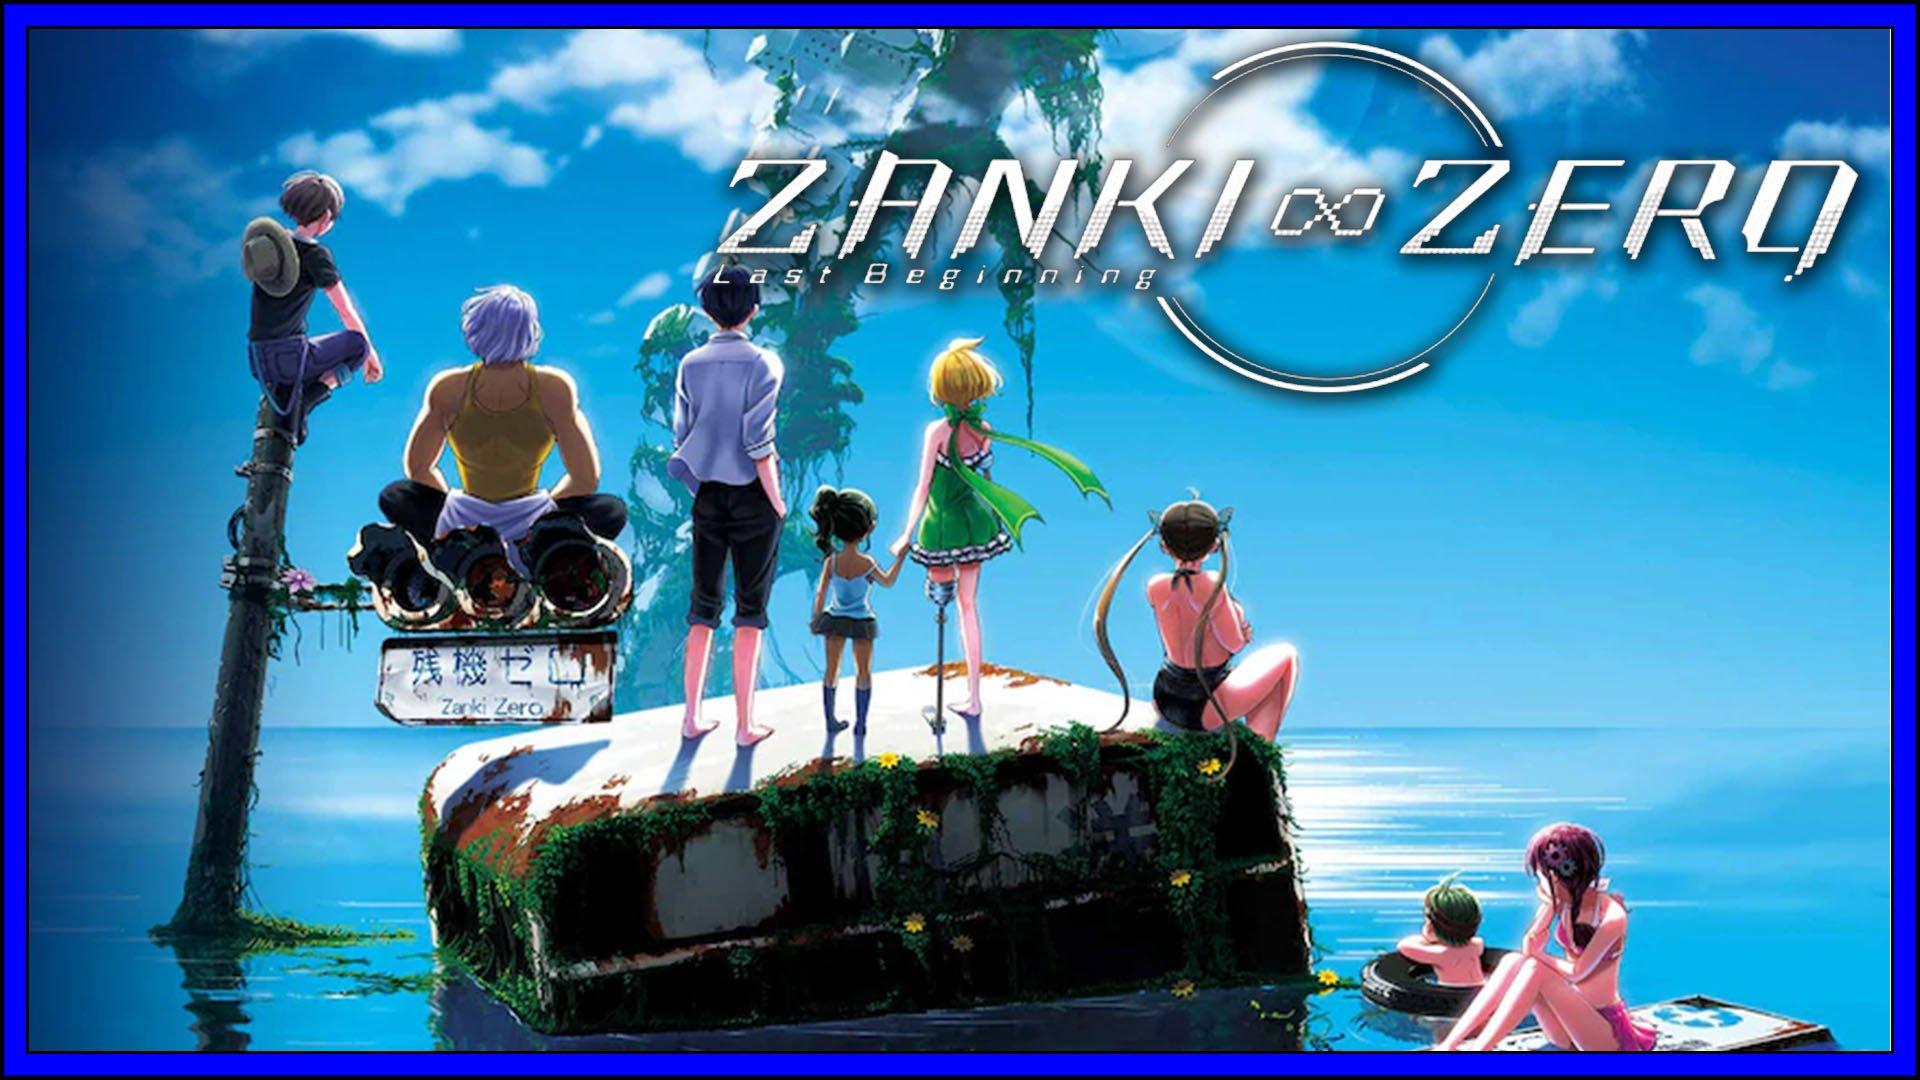 Zanki Zero Fi3